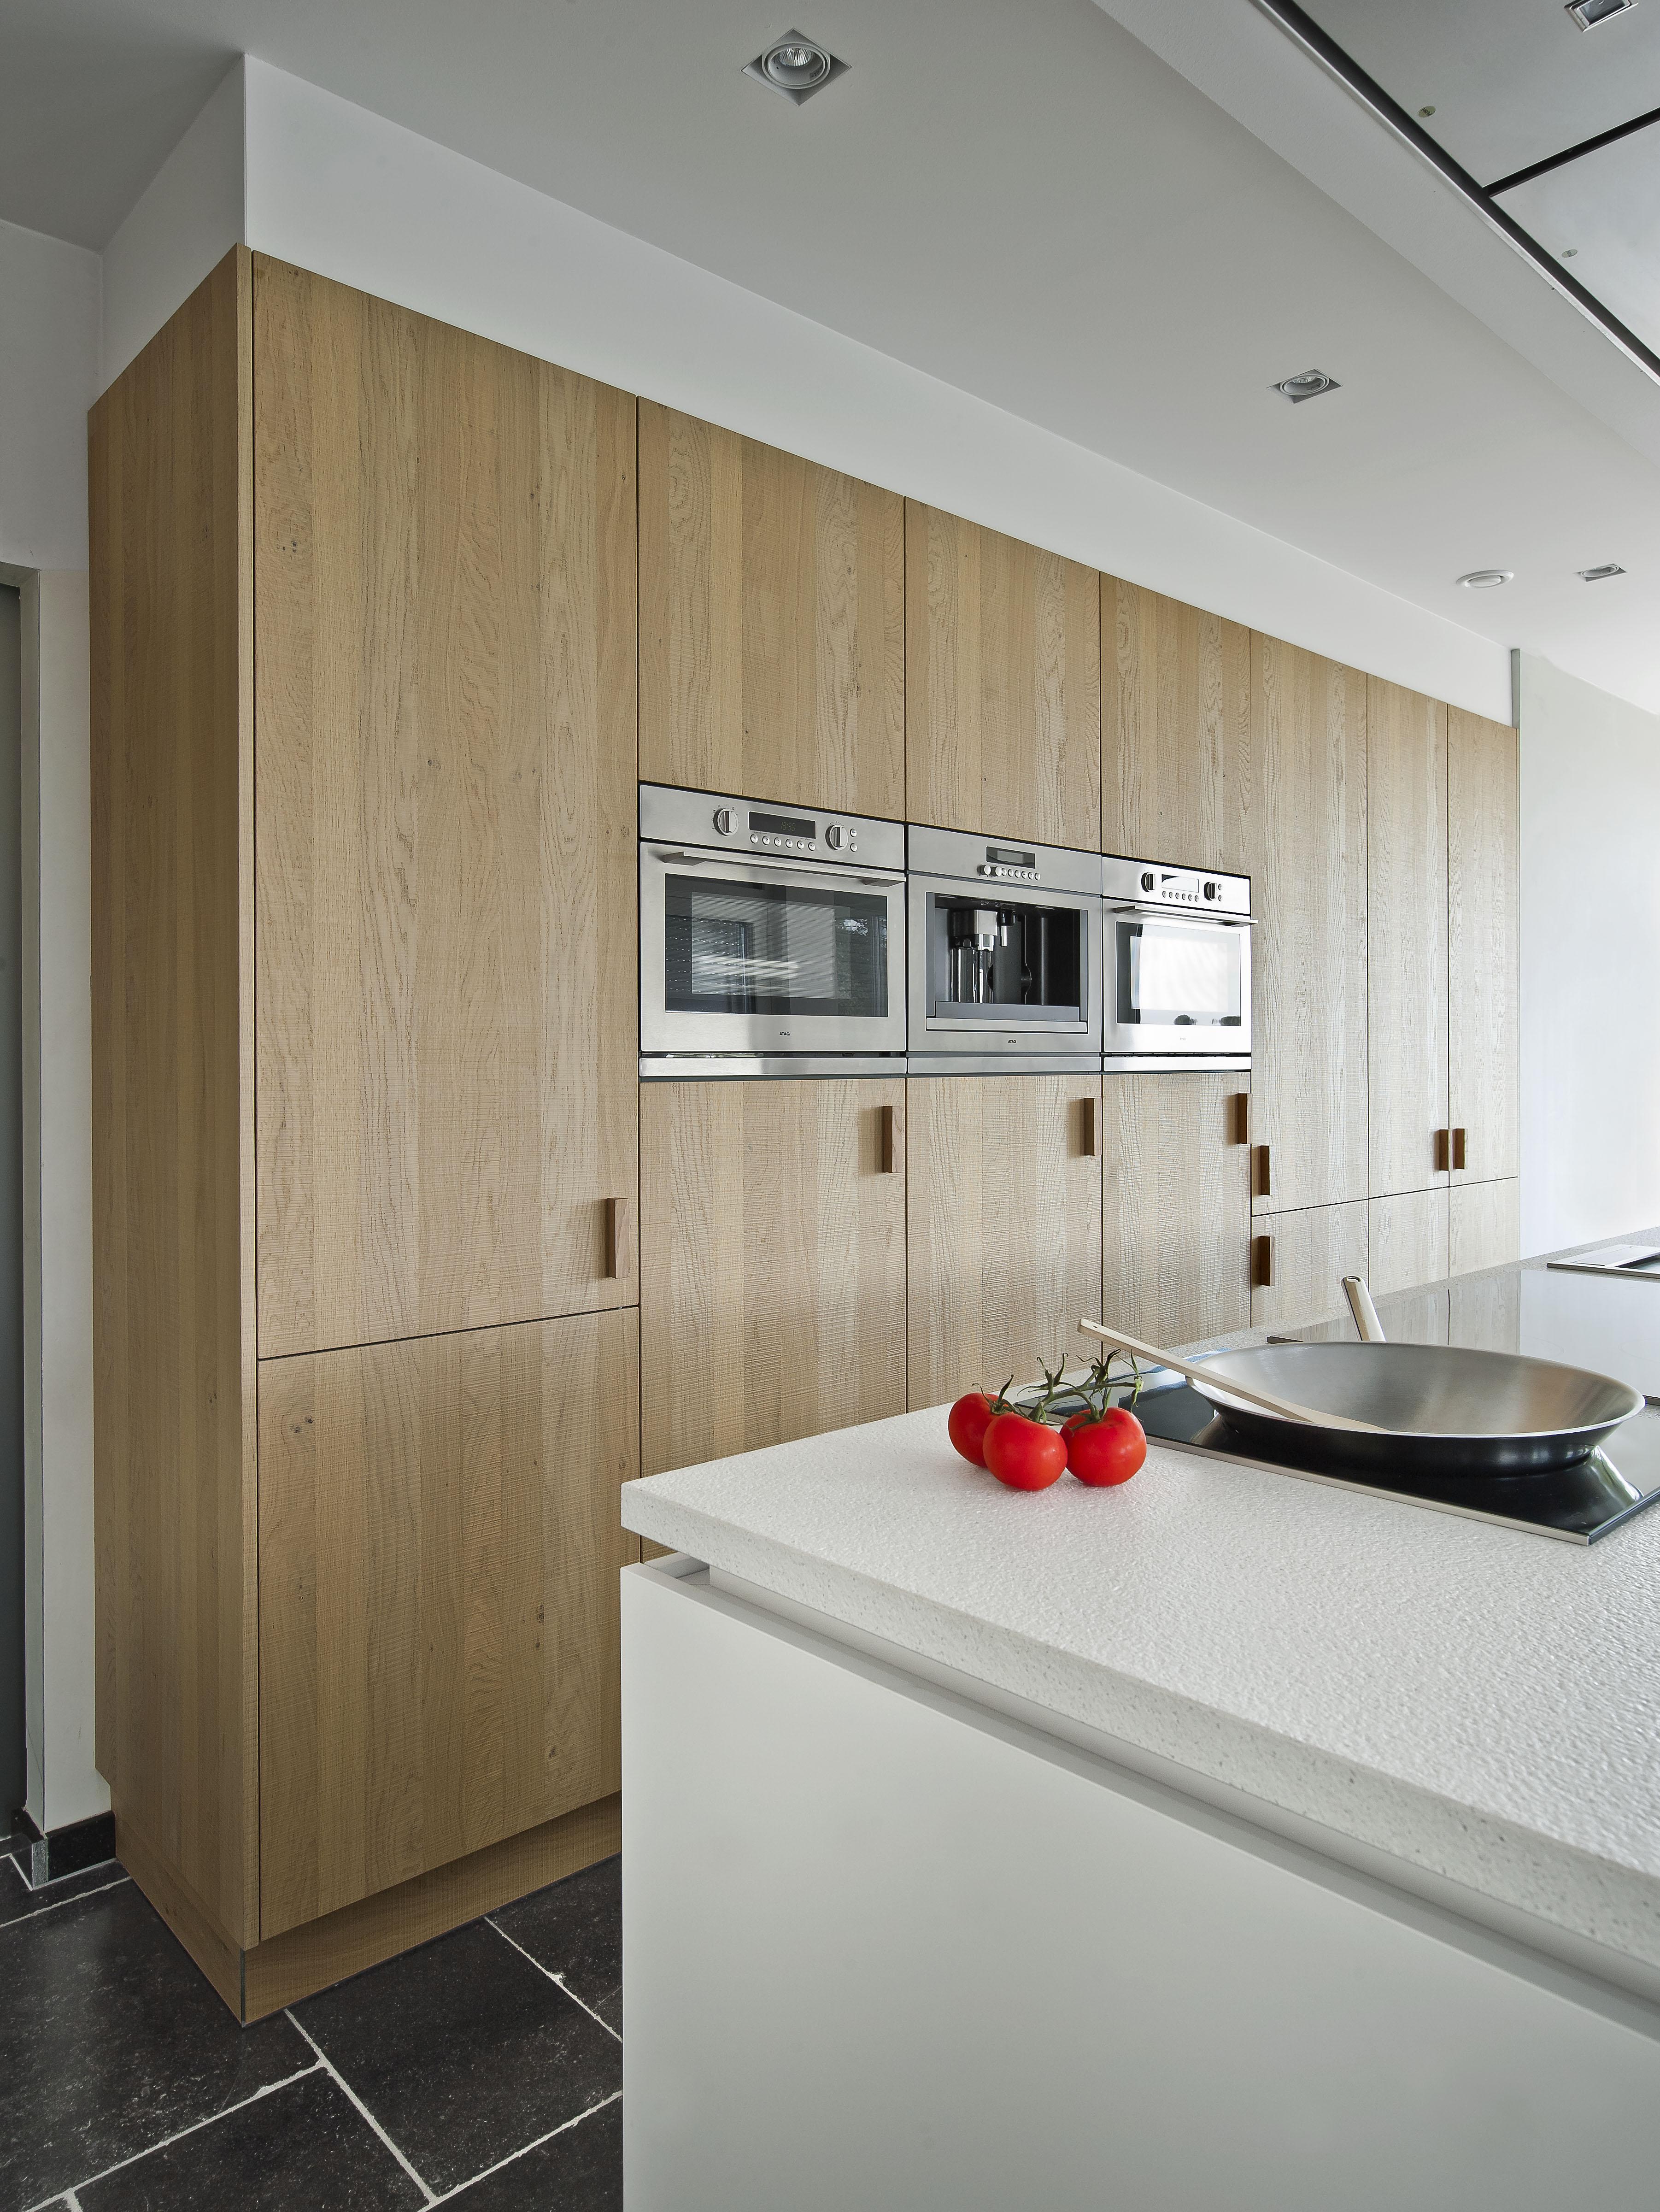 Moderne keuken wit + fineer eik